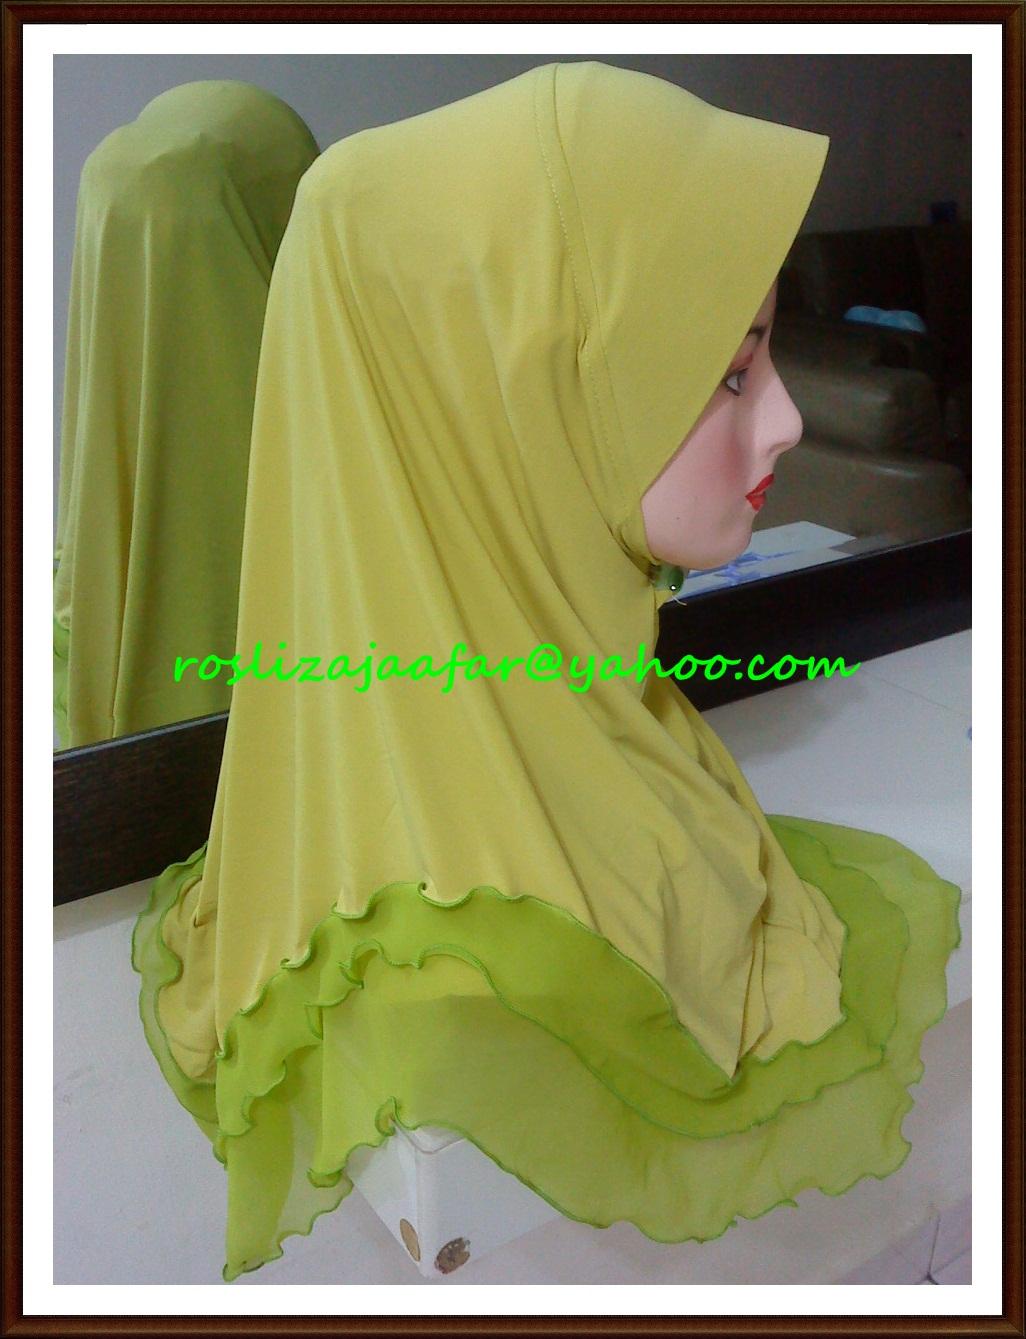 Kaedah Pembayaran: * Please select CIMB Clicks Maybank2u